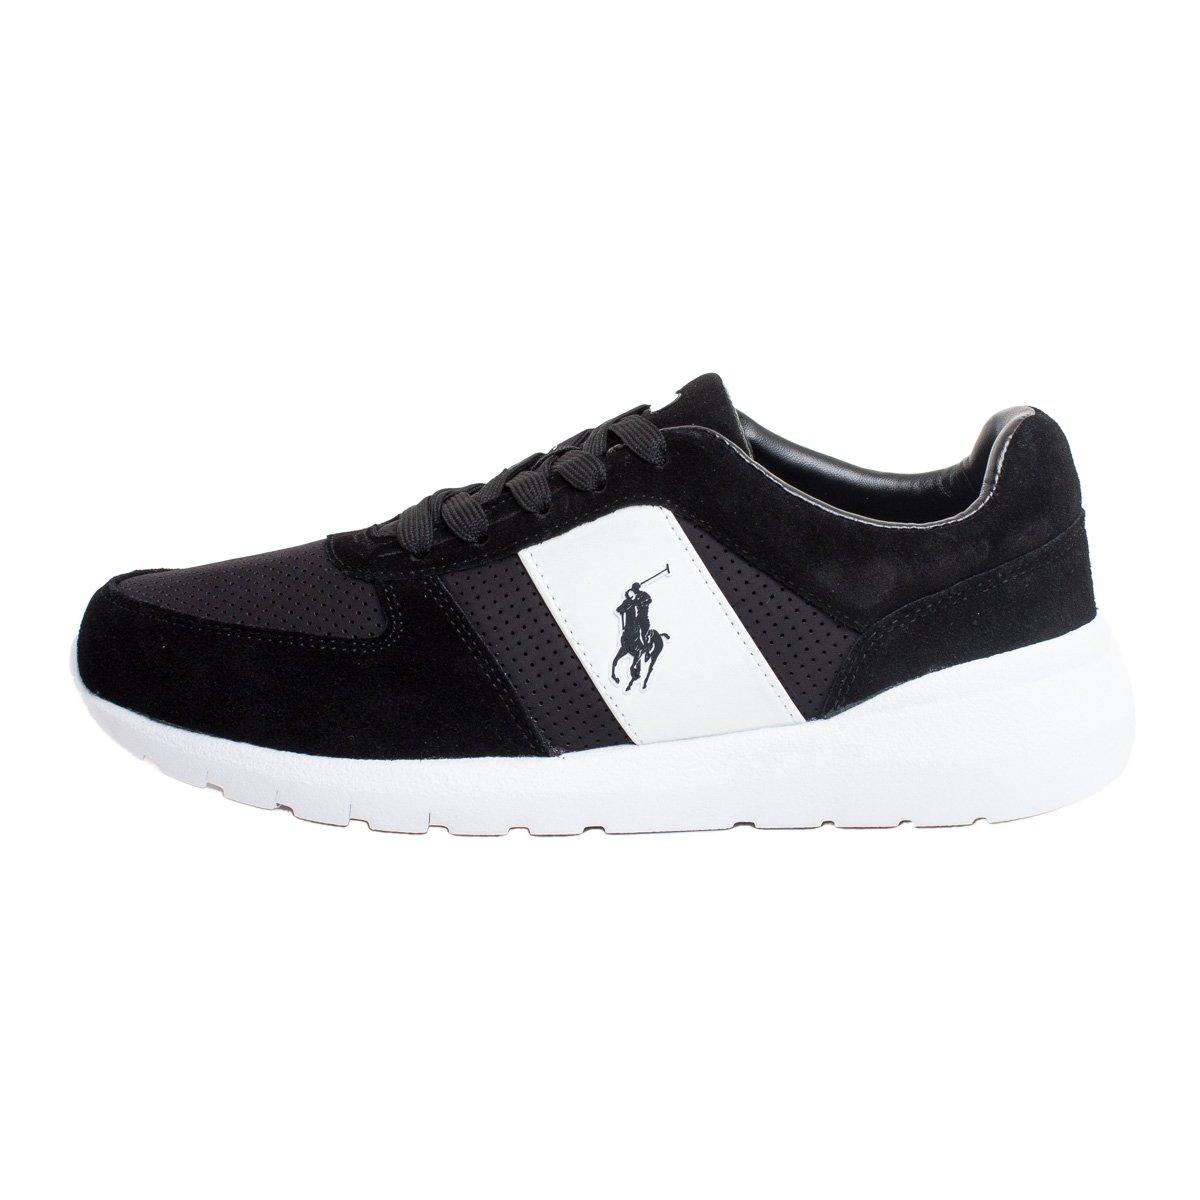 Ralph Lauren CORDELL-SK-ATH Sneakers Hombre BLK 44: Amazon.es ...